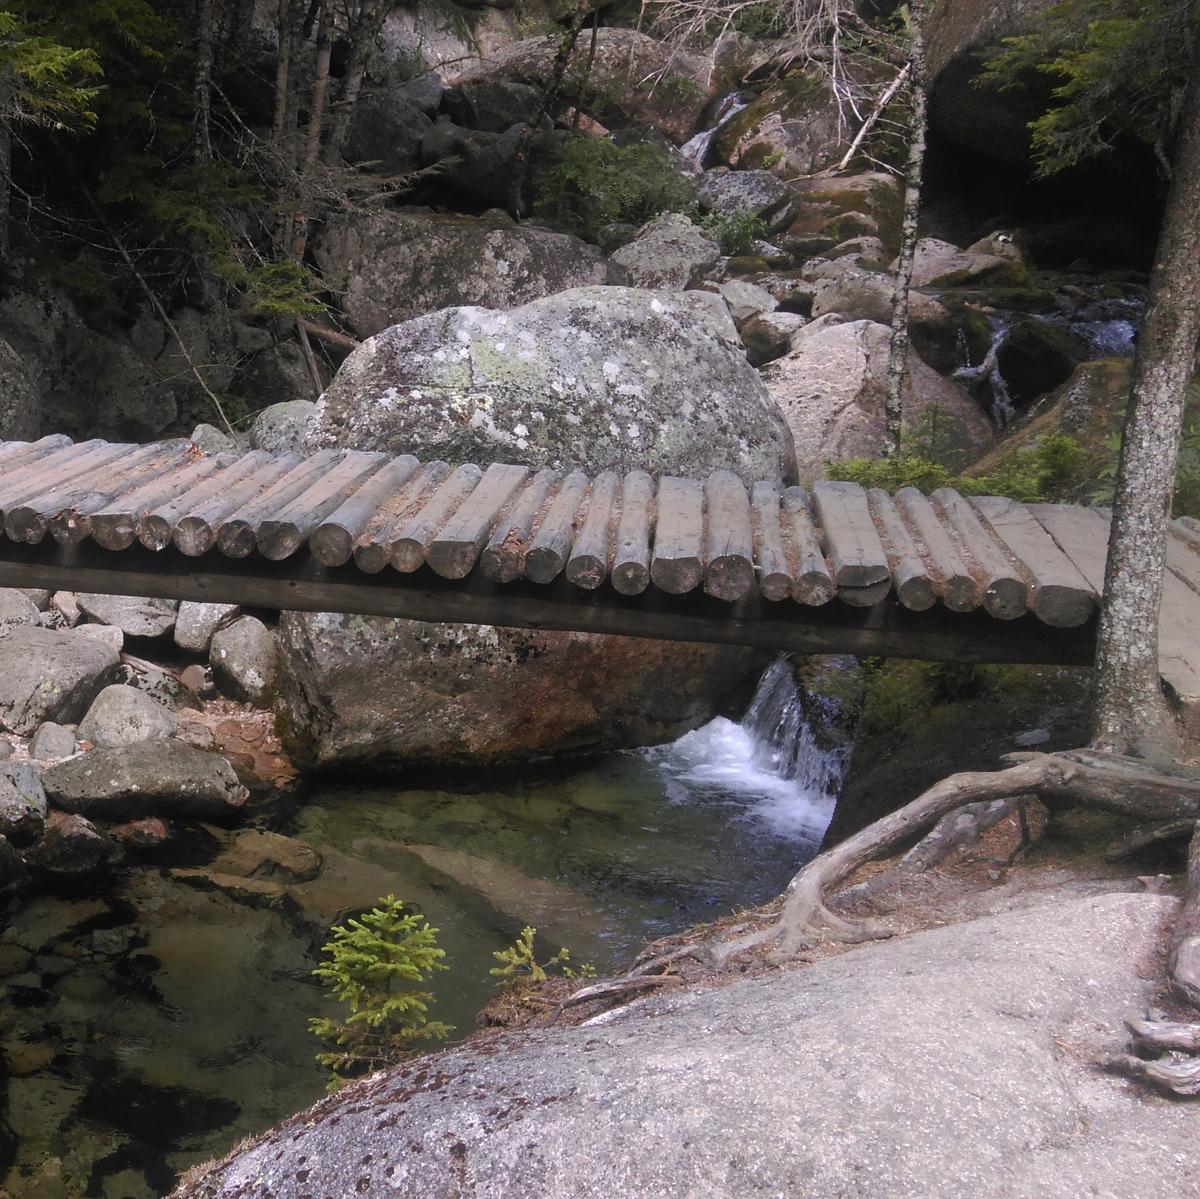 A bridge made of small diameter logs crosses a stream